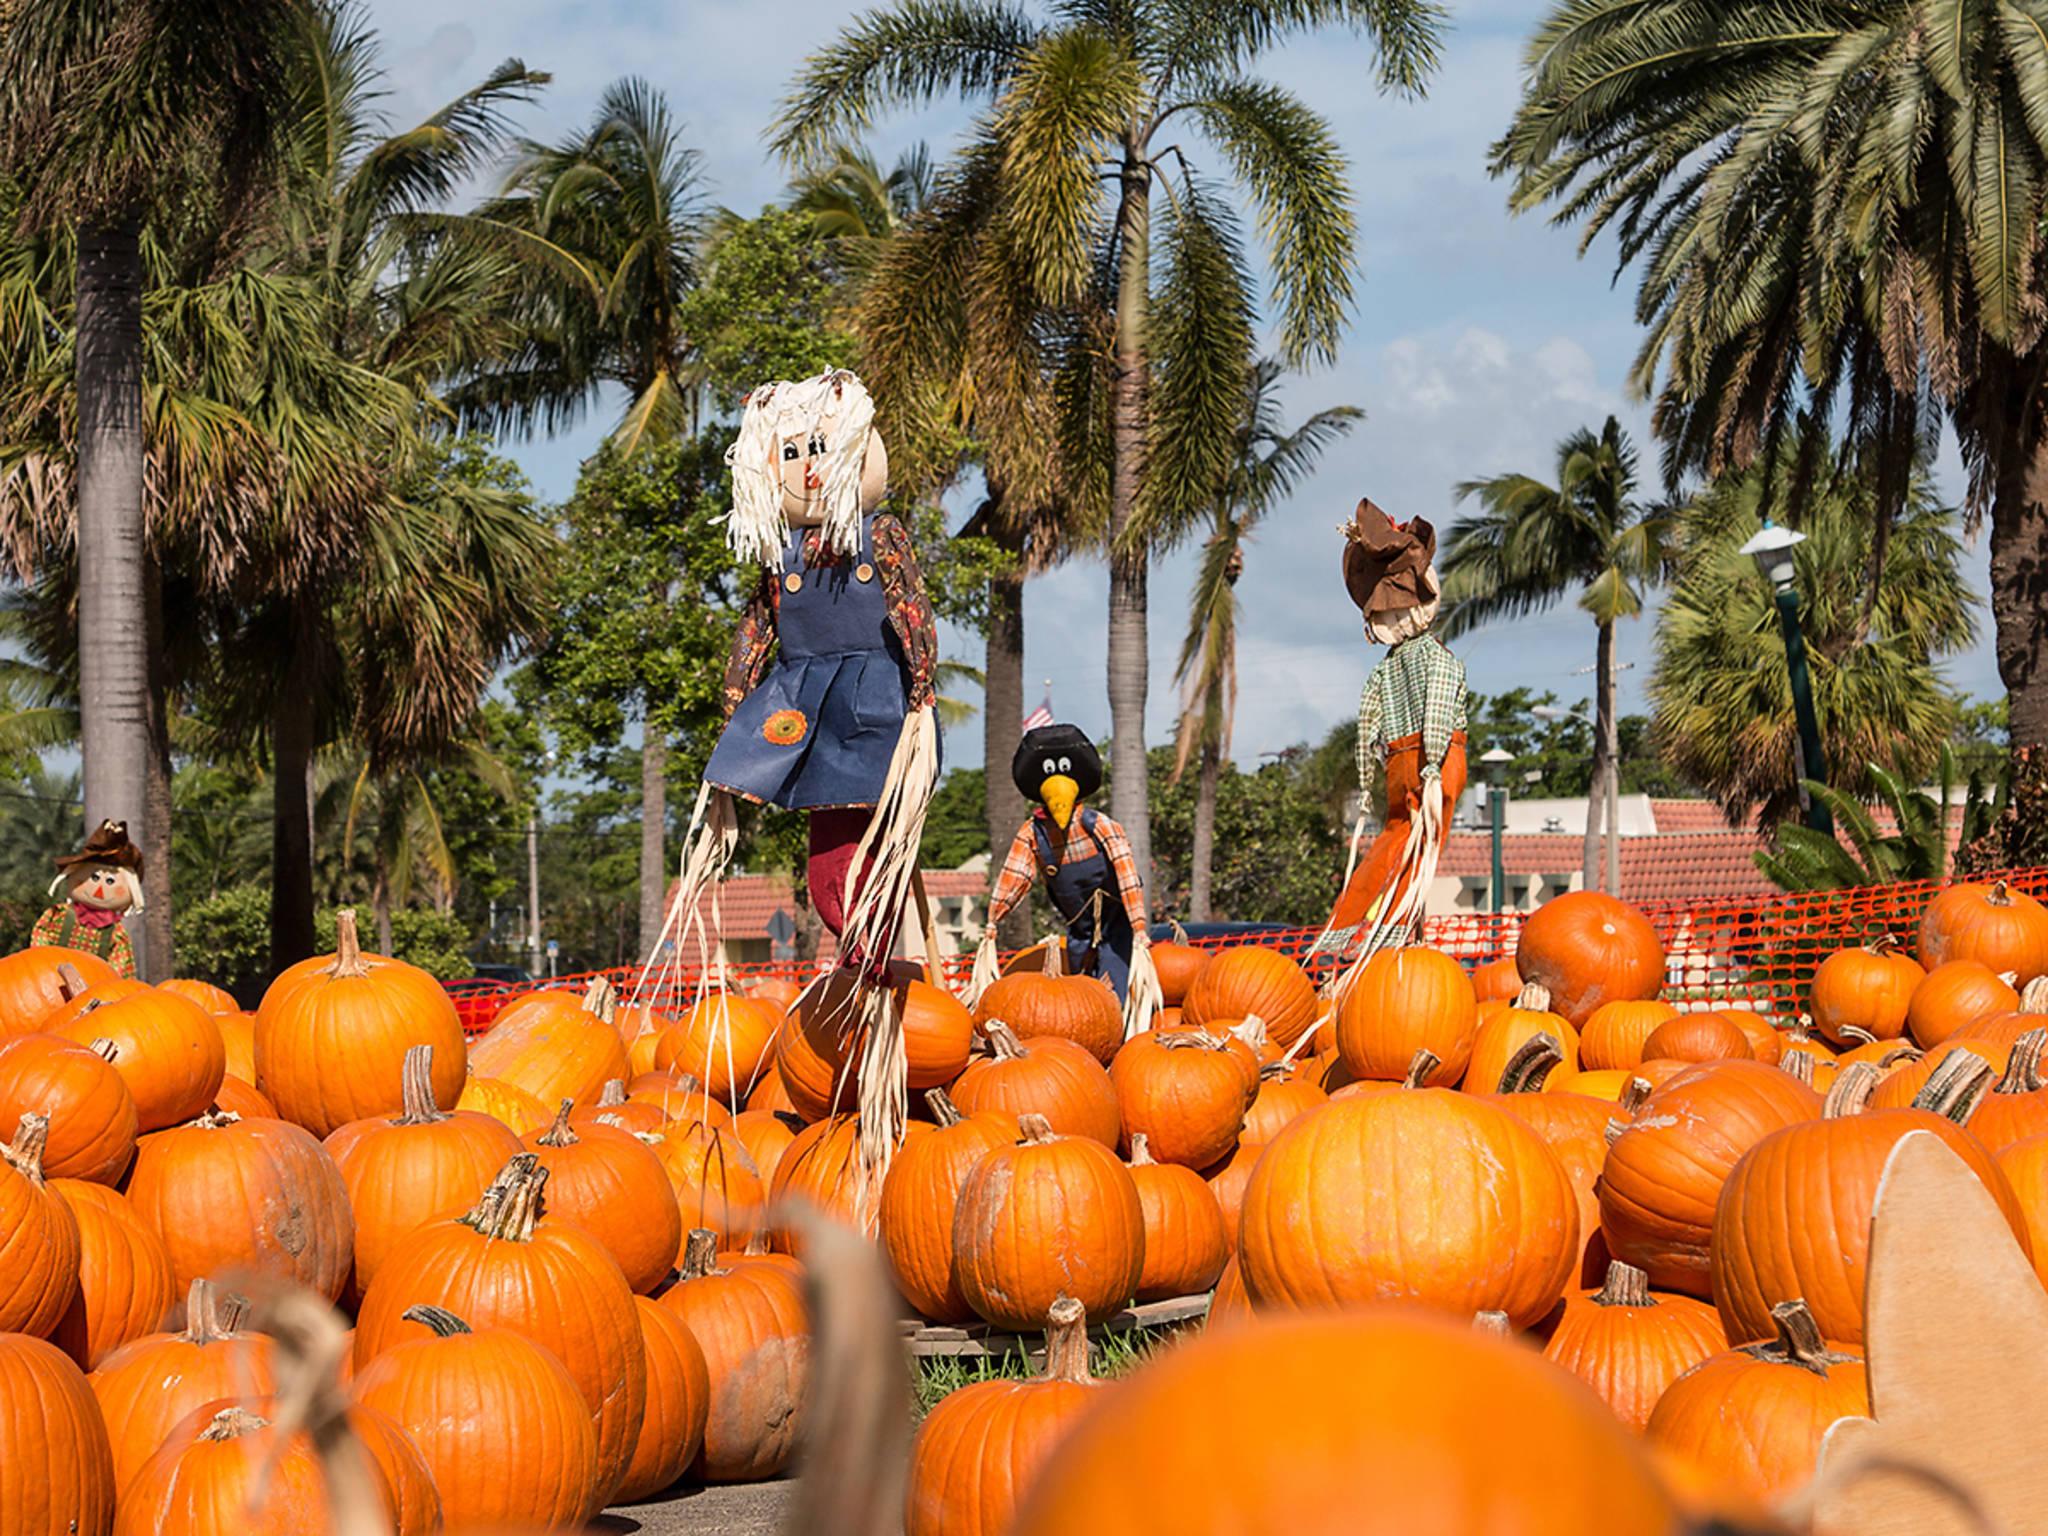 Fall events in Miami